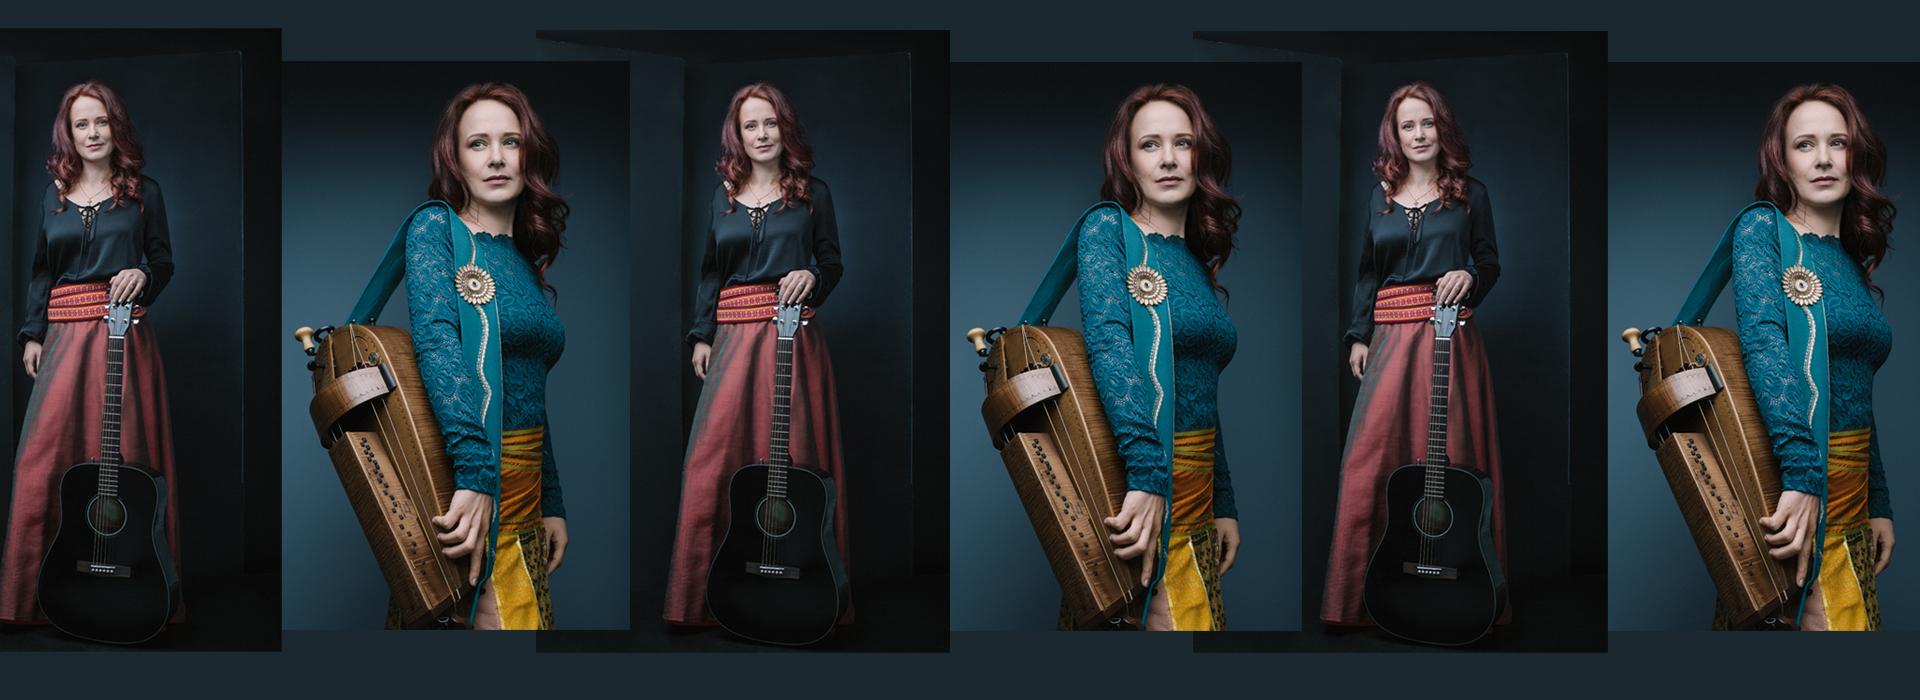 Iryna Muha Music